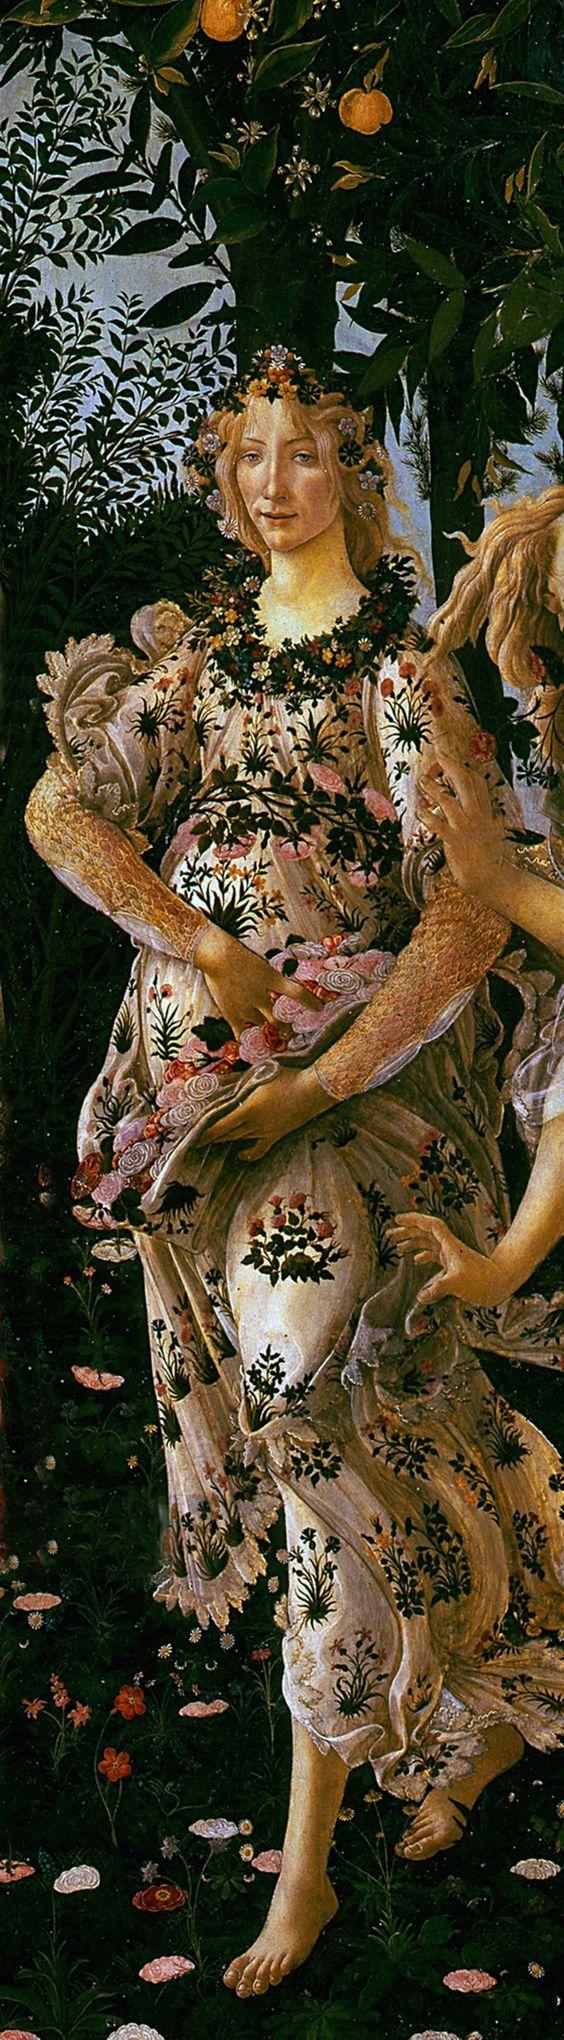 """.Flora, detalhe de """"A Primavera"""", também conhecido como Alegoria da Primavera. Criação: 1477–1482"""